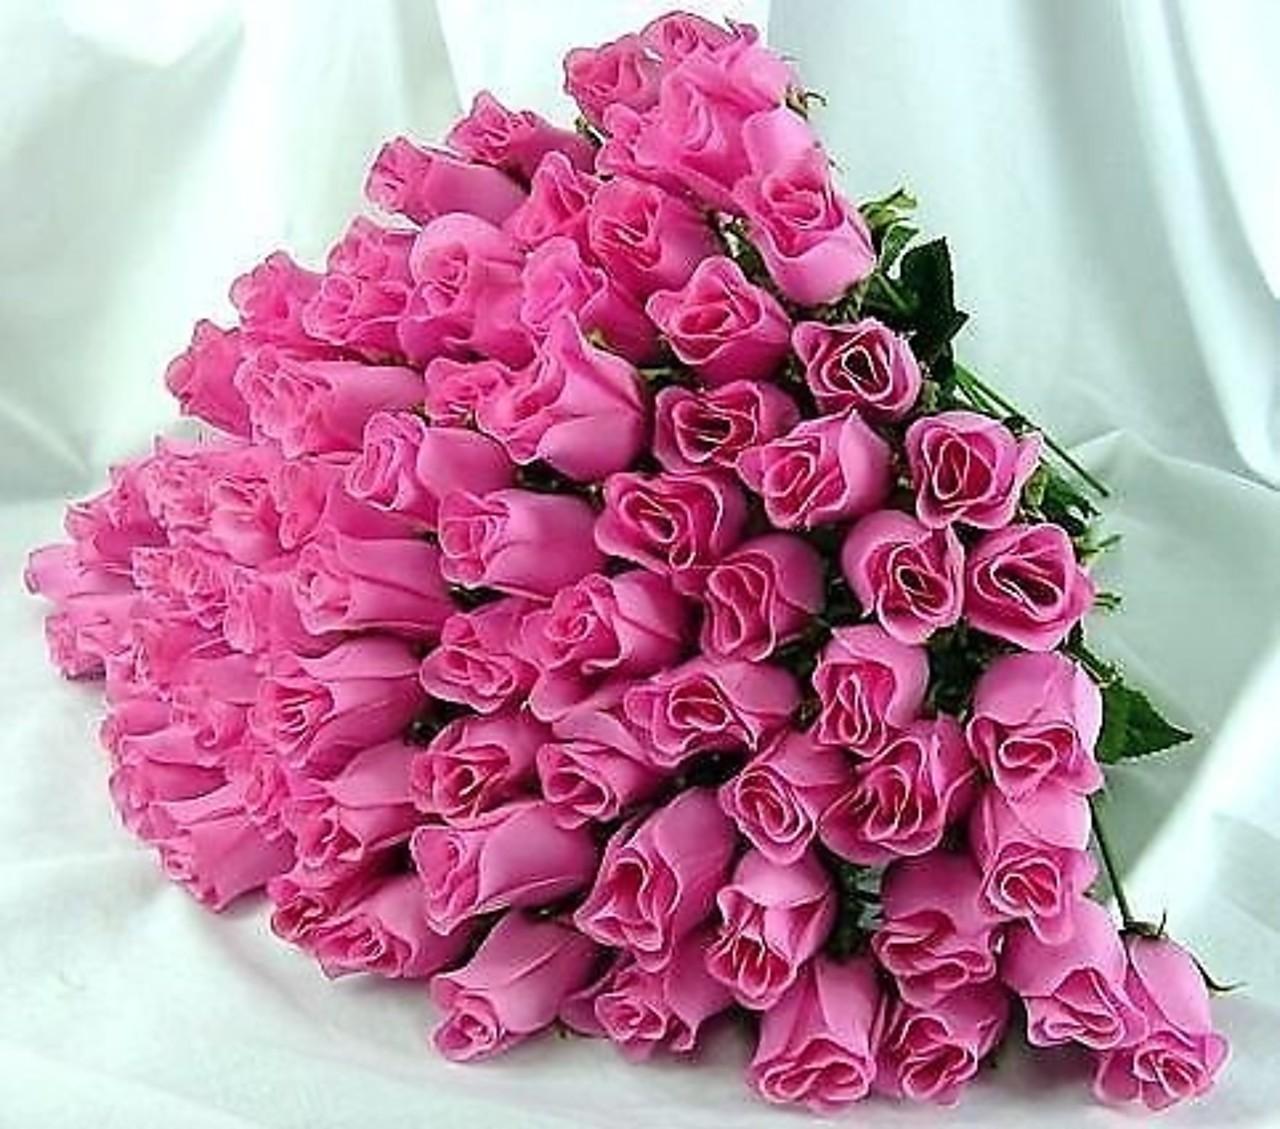 بالصور بوكيه ورد كبير , اجمل الورد بالصور 3467 8